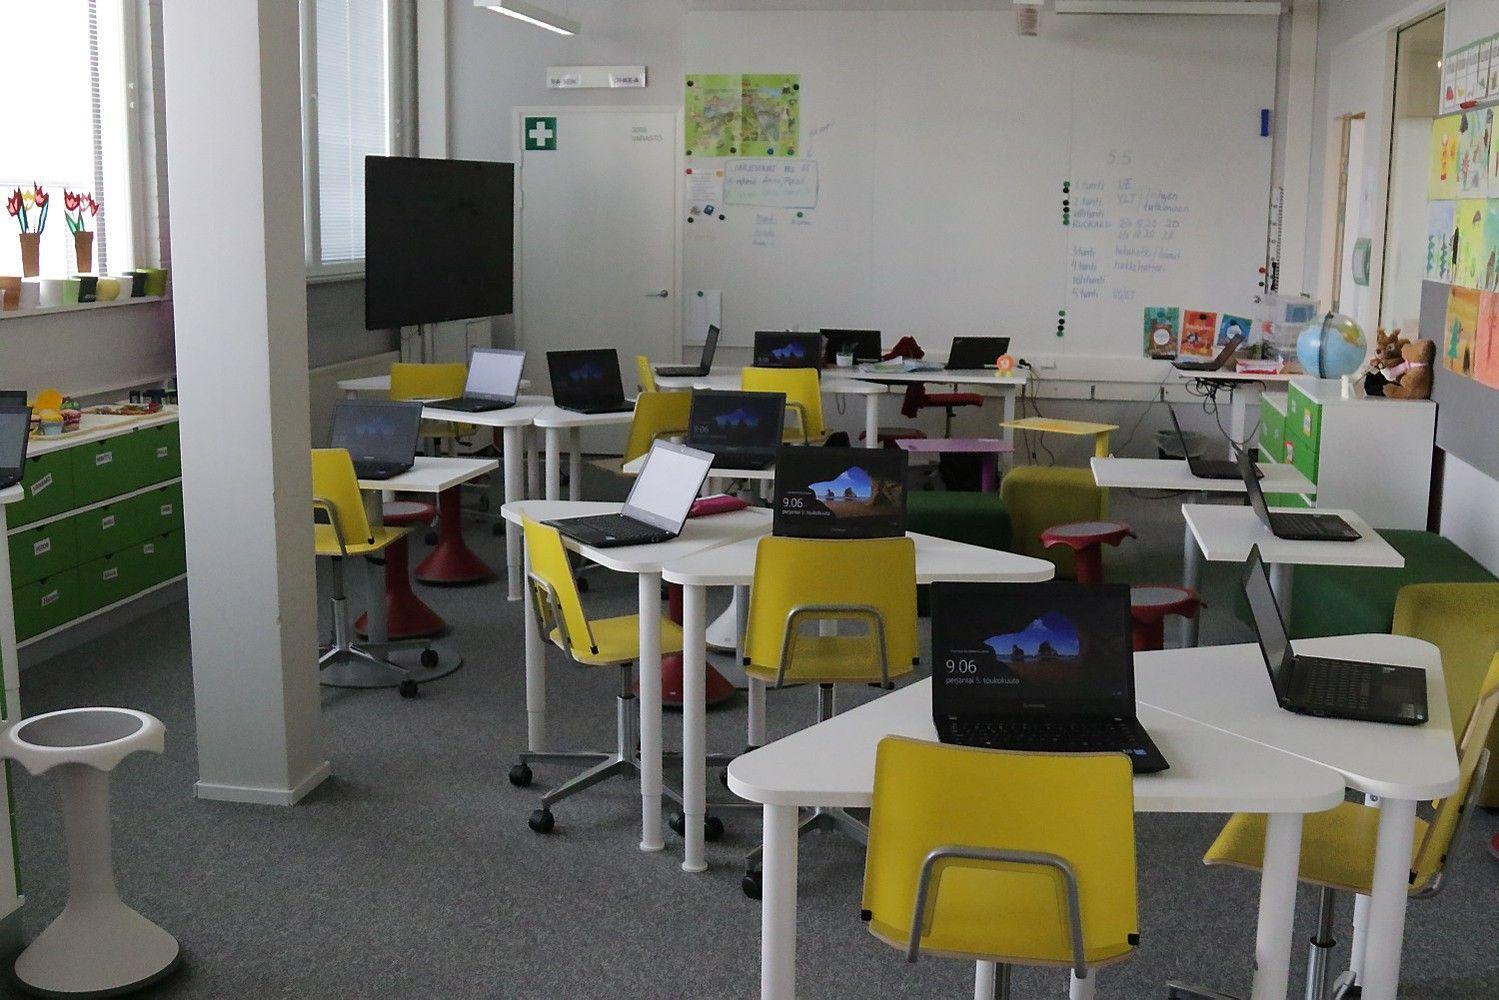 Pamoka Suomijos ateities mokykloje